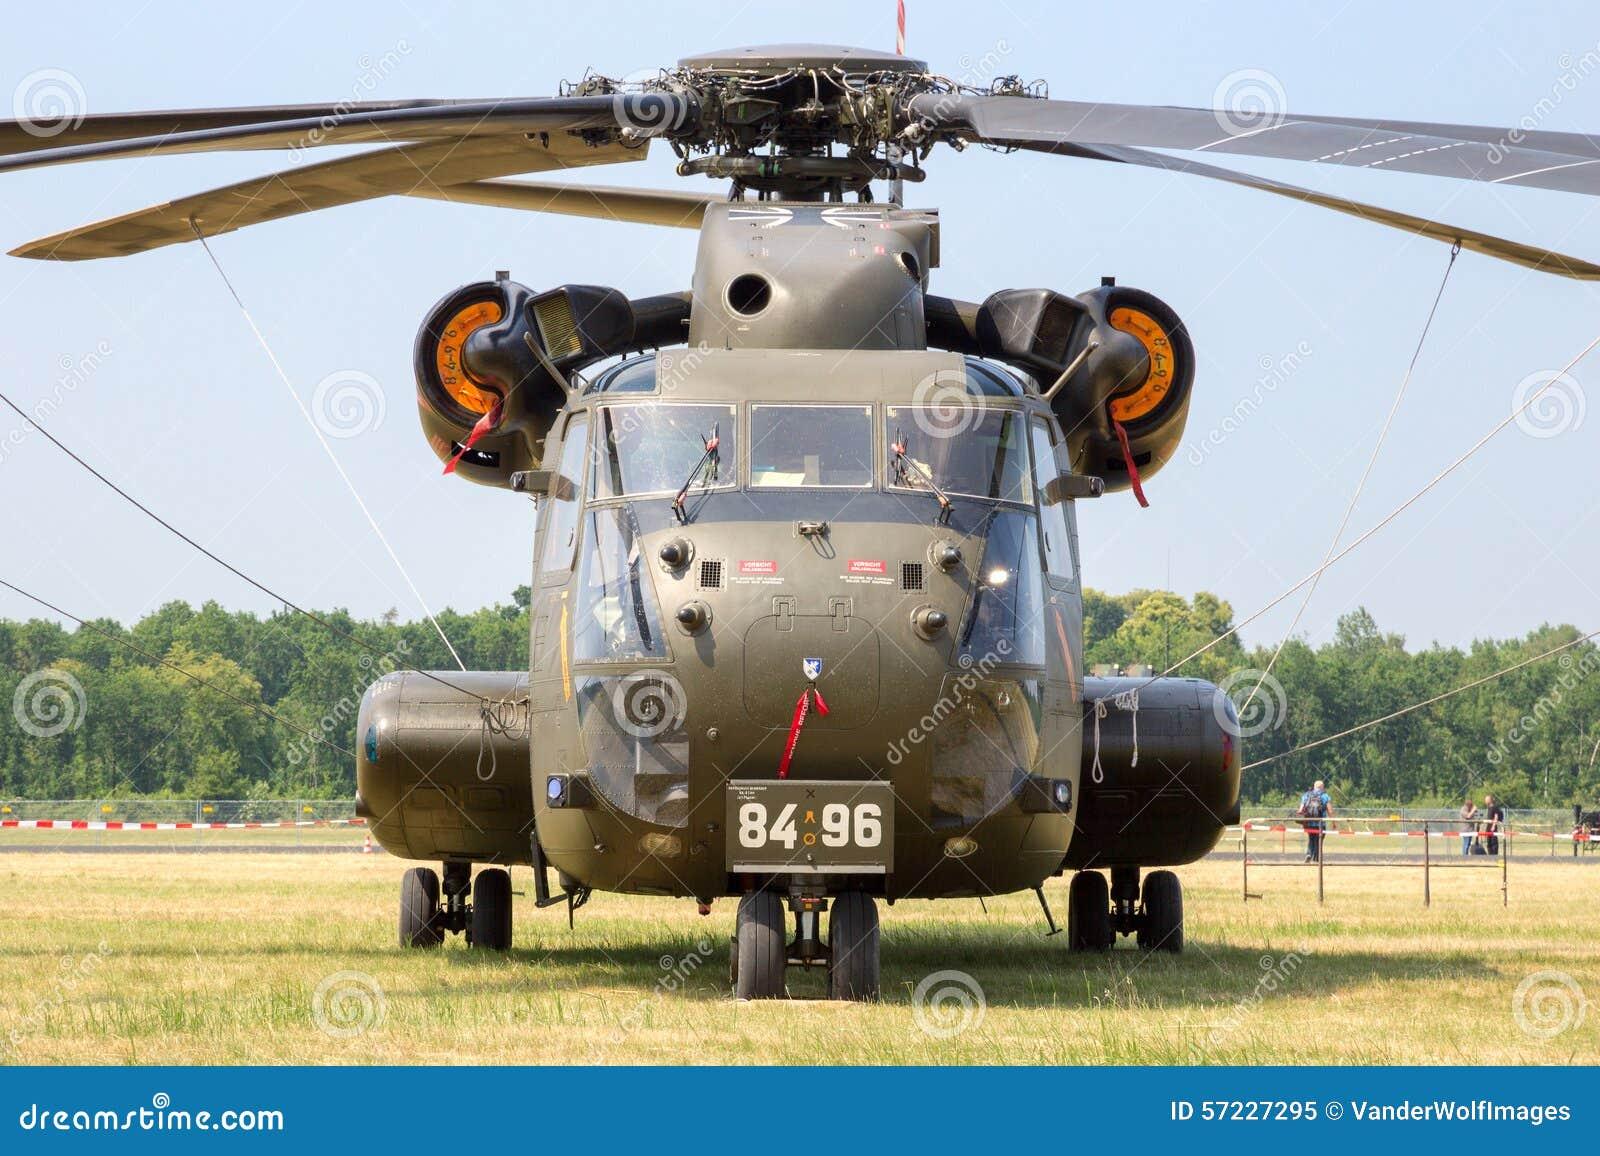 Elicottero Ch : Elicottero ch immagine editoriale immagine di warplane